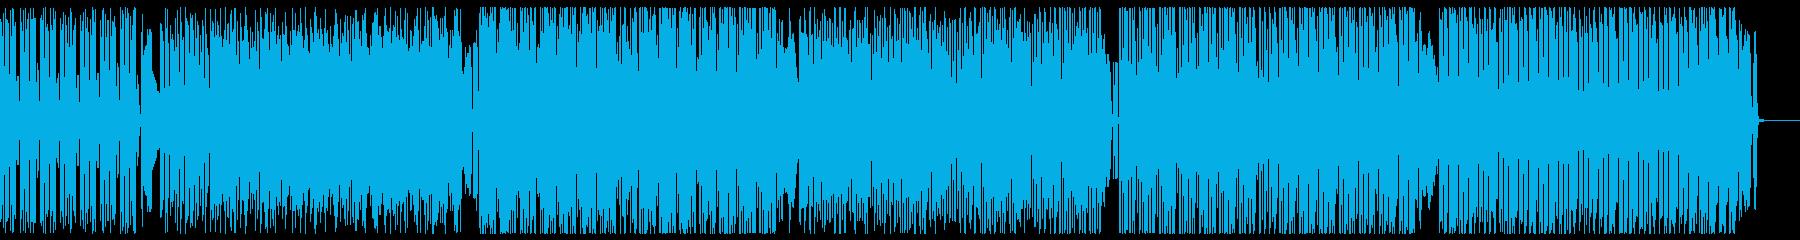 暗く妖艶・ハロウィン レトロなエレクトロの再生済みの波形